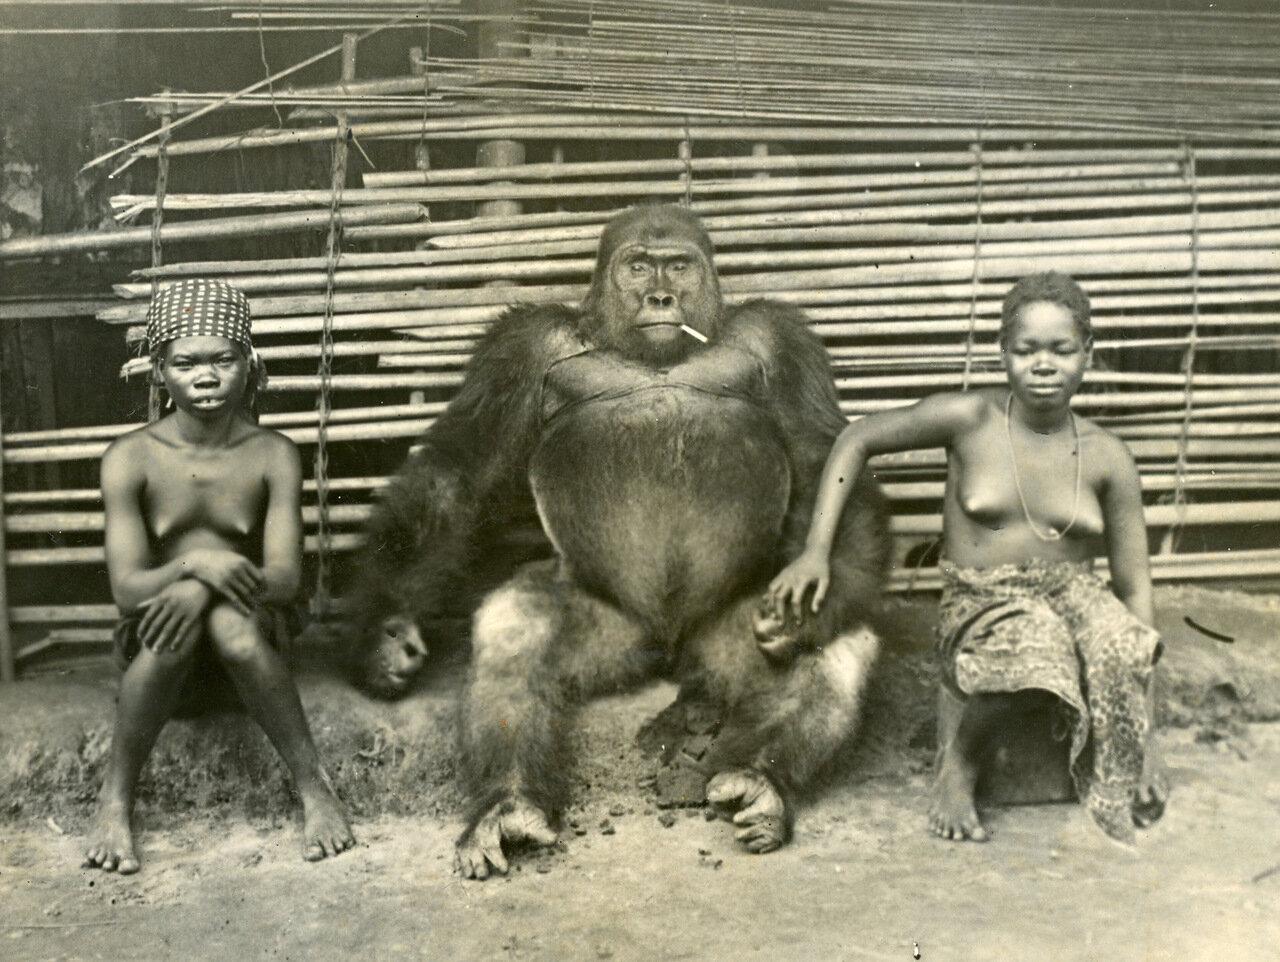 Центральная Африка, конец XIX века